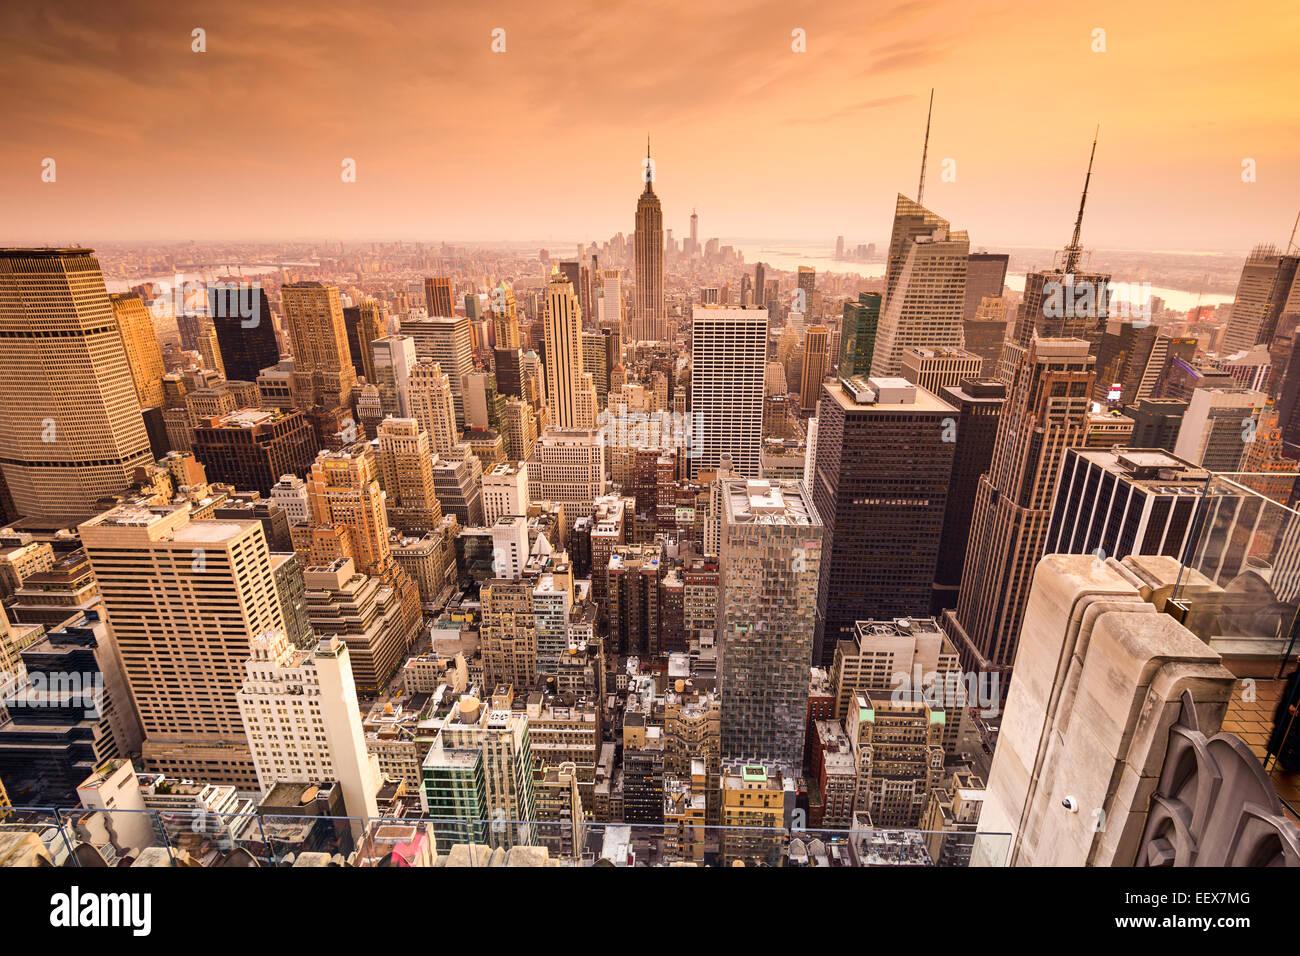 La ville de New York, USA sur les toits de Manhattan. Banque D'Images